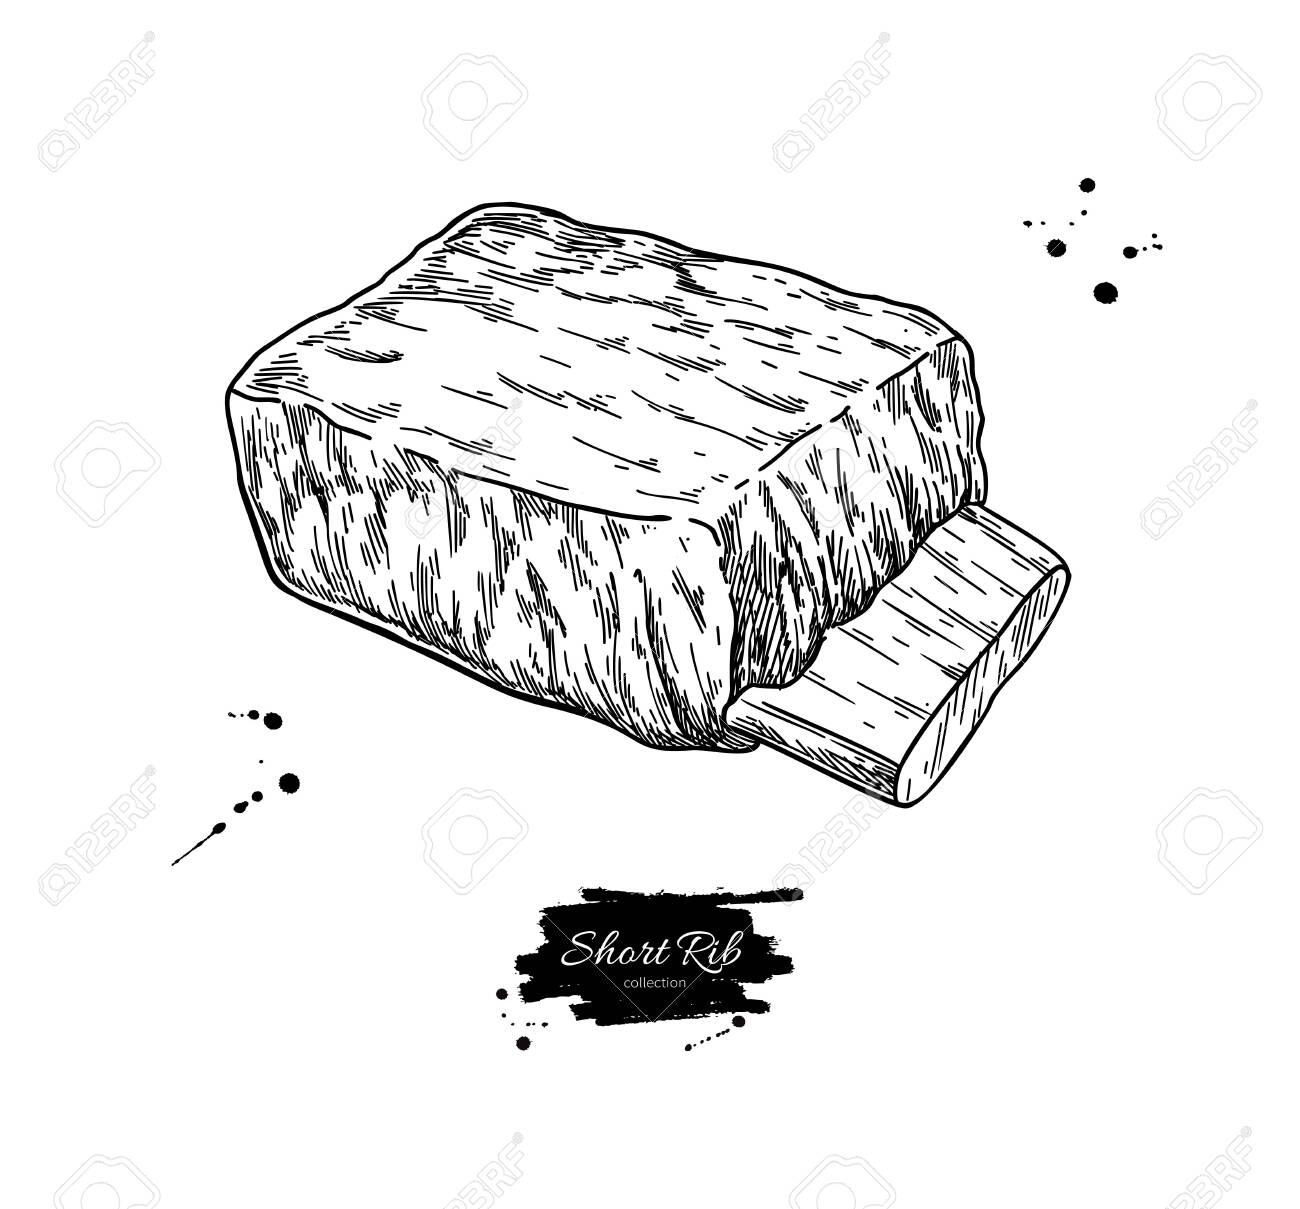 short rib vector drawing beef pork or lamb meat hand drawn royalty free cliparts vectors and stock illustration image 137446028 short rib vector drawing beef pork or lamb meat hand drawn